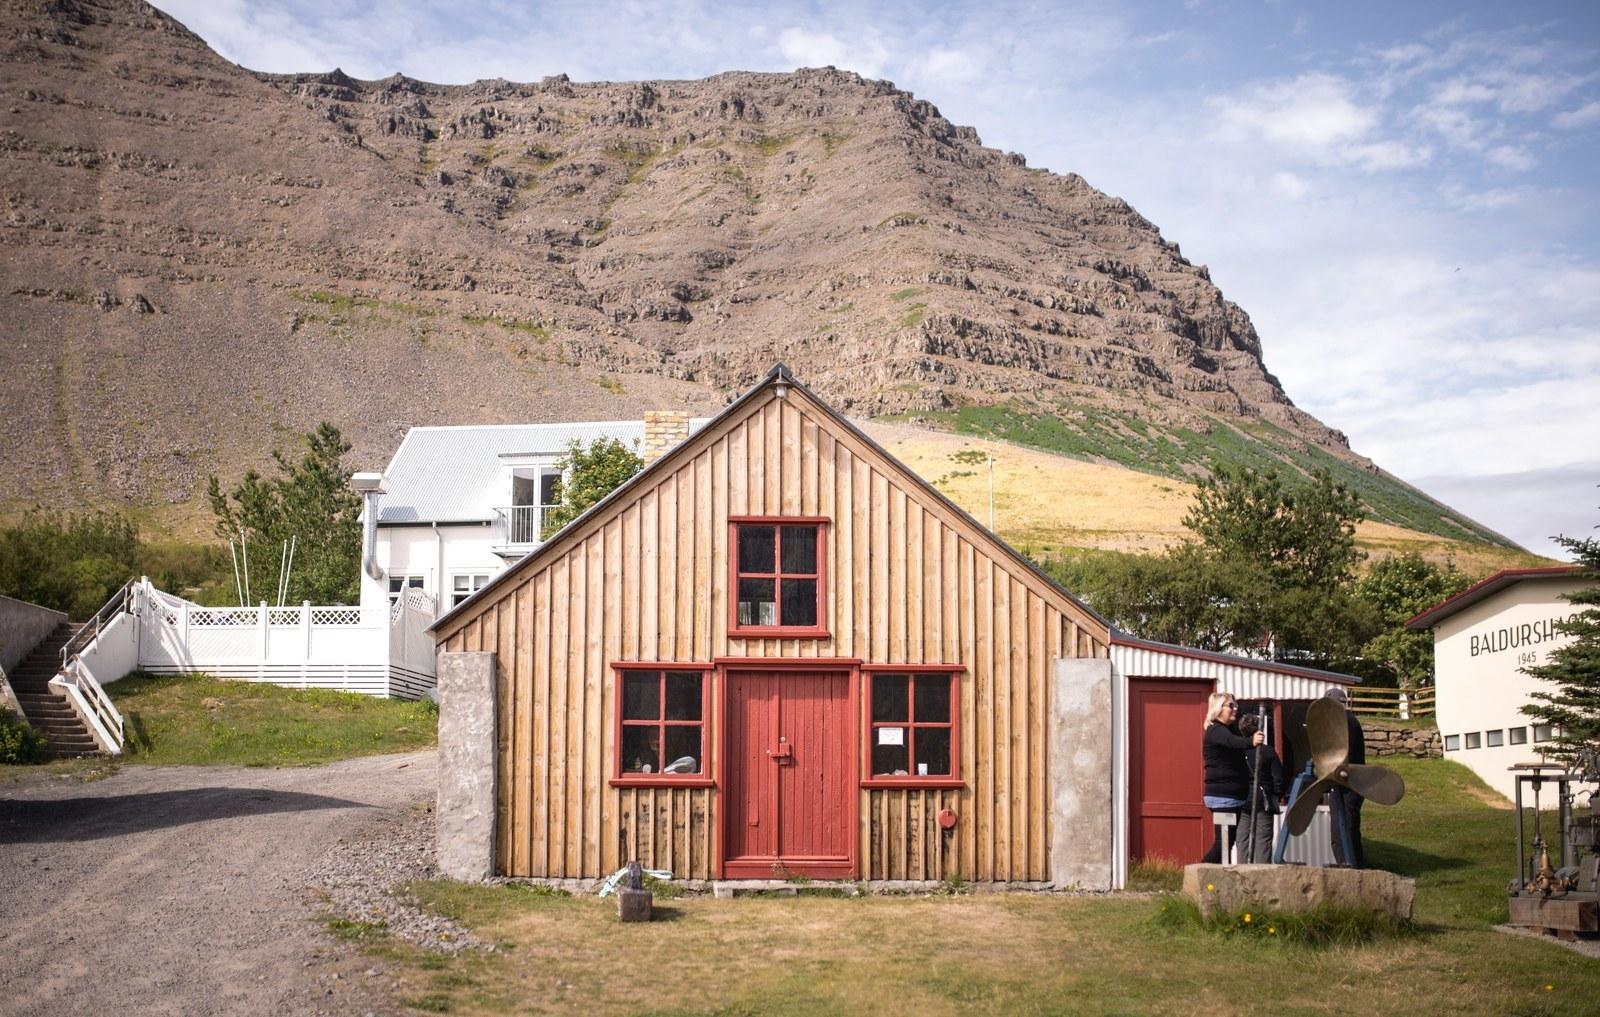 Habitation de Bildudalur Bildudalur